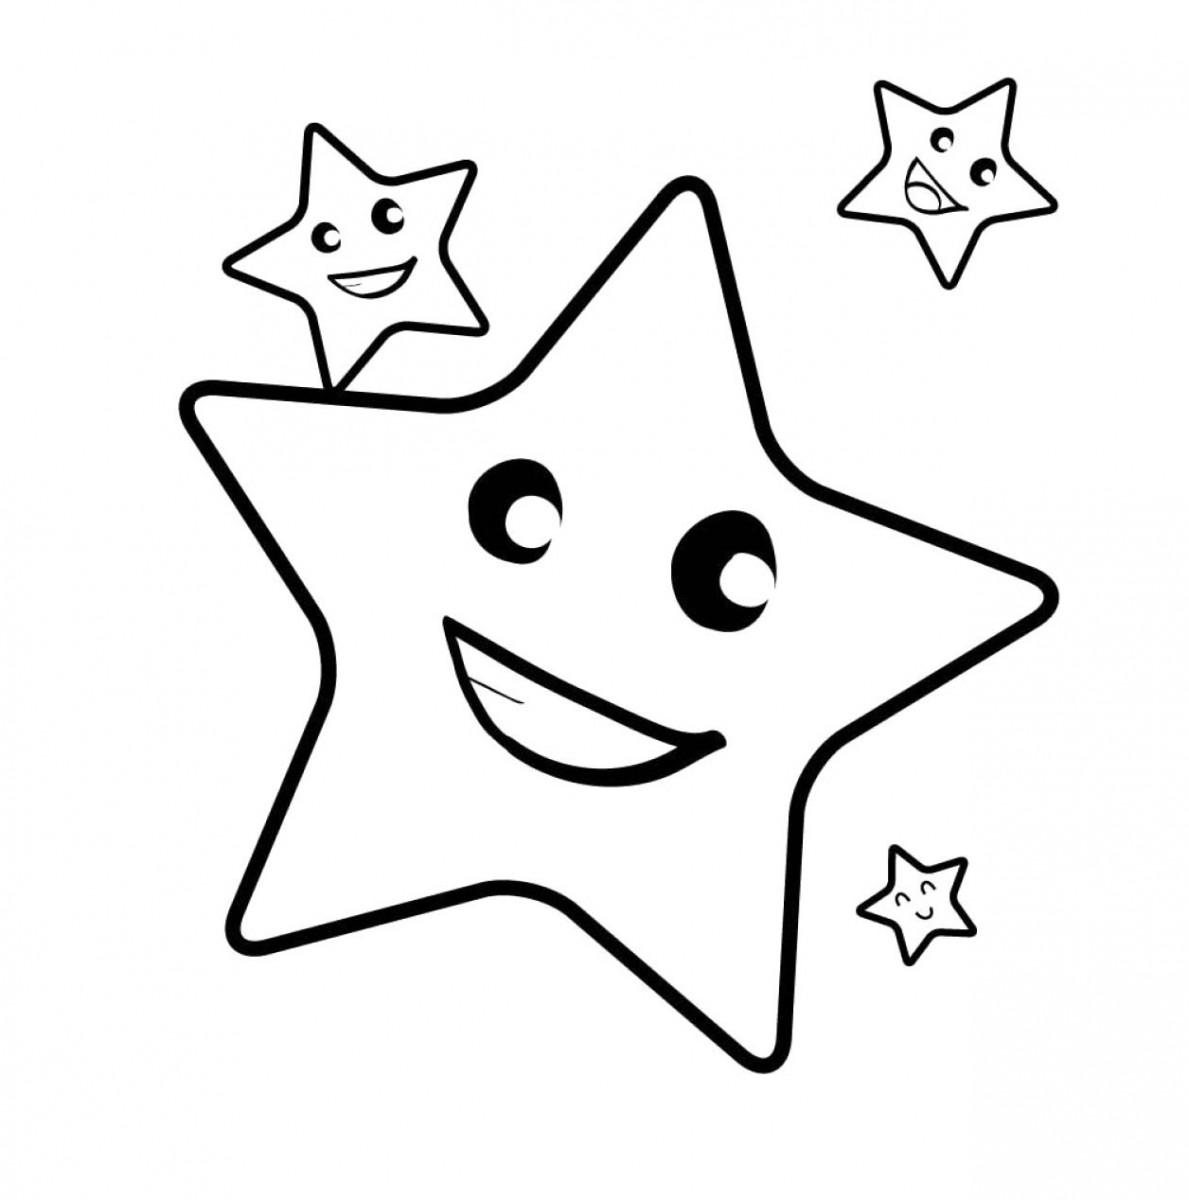 Bộ sưu tập tranh tô màu ngôi sao đẹp cho bé